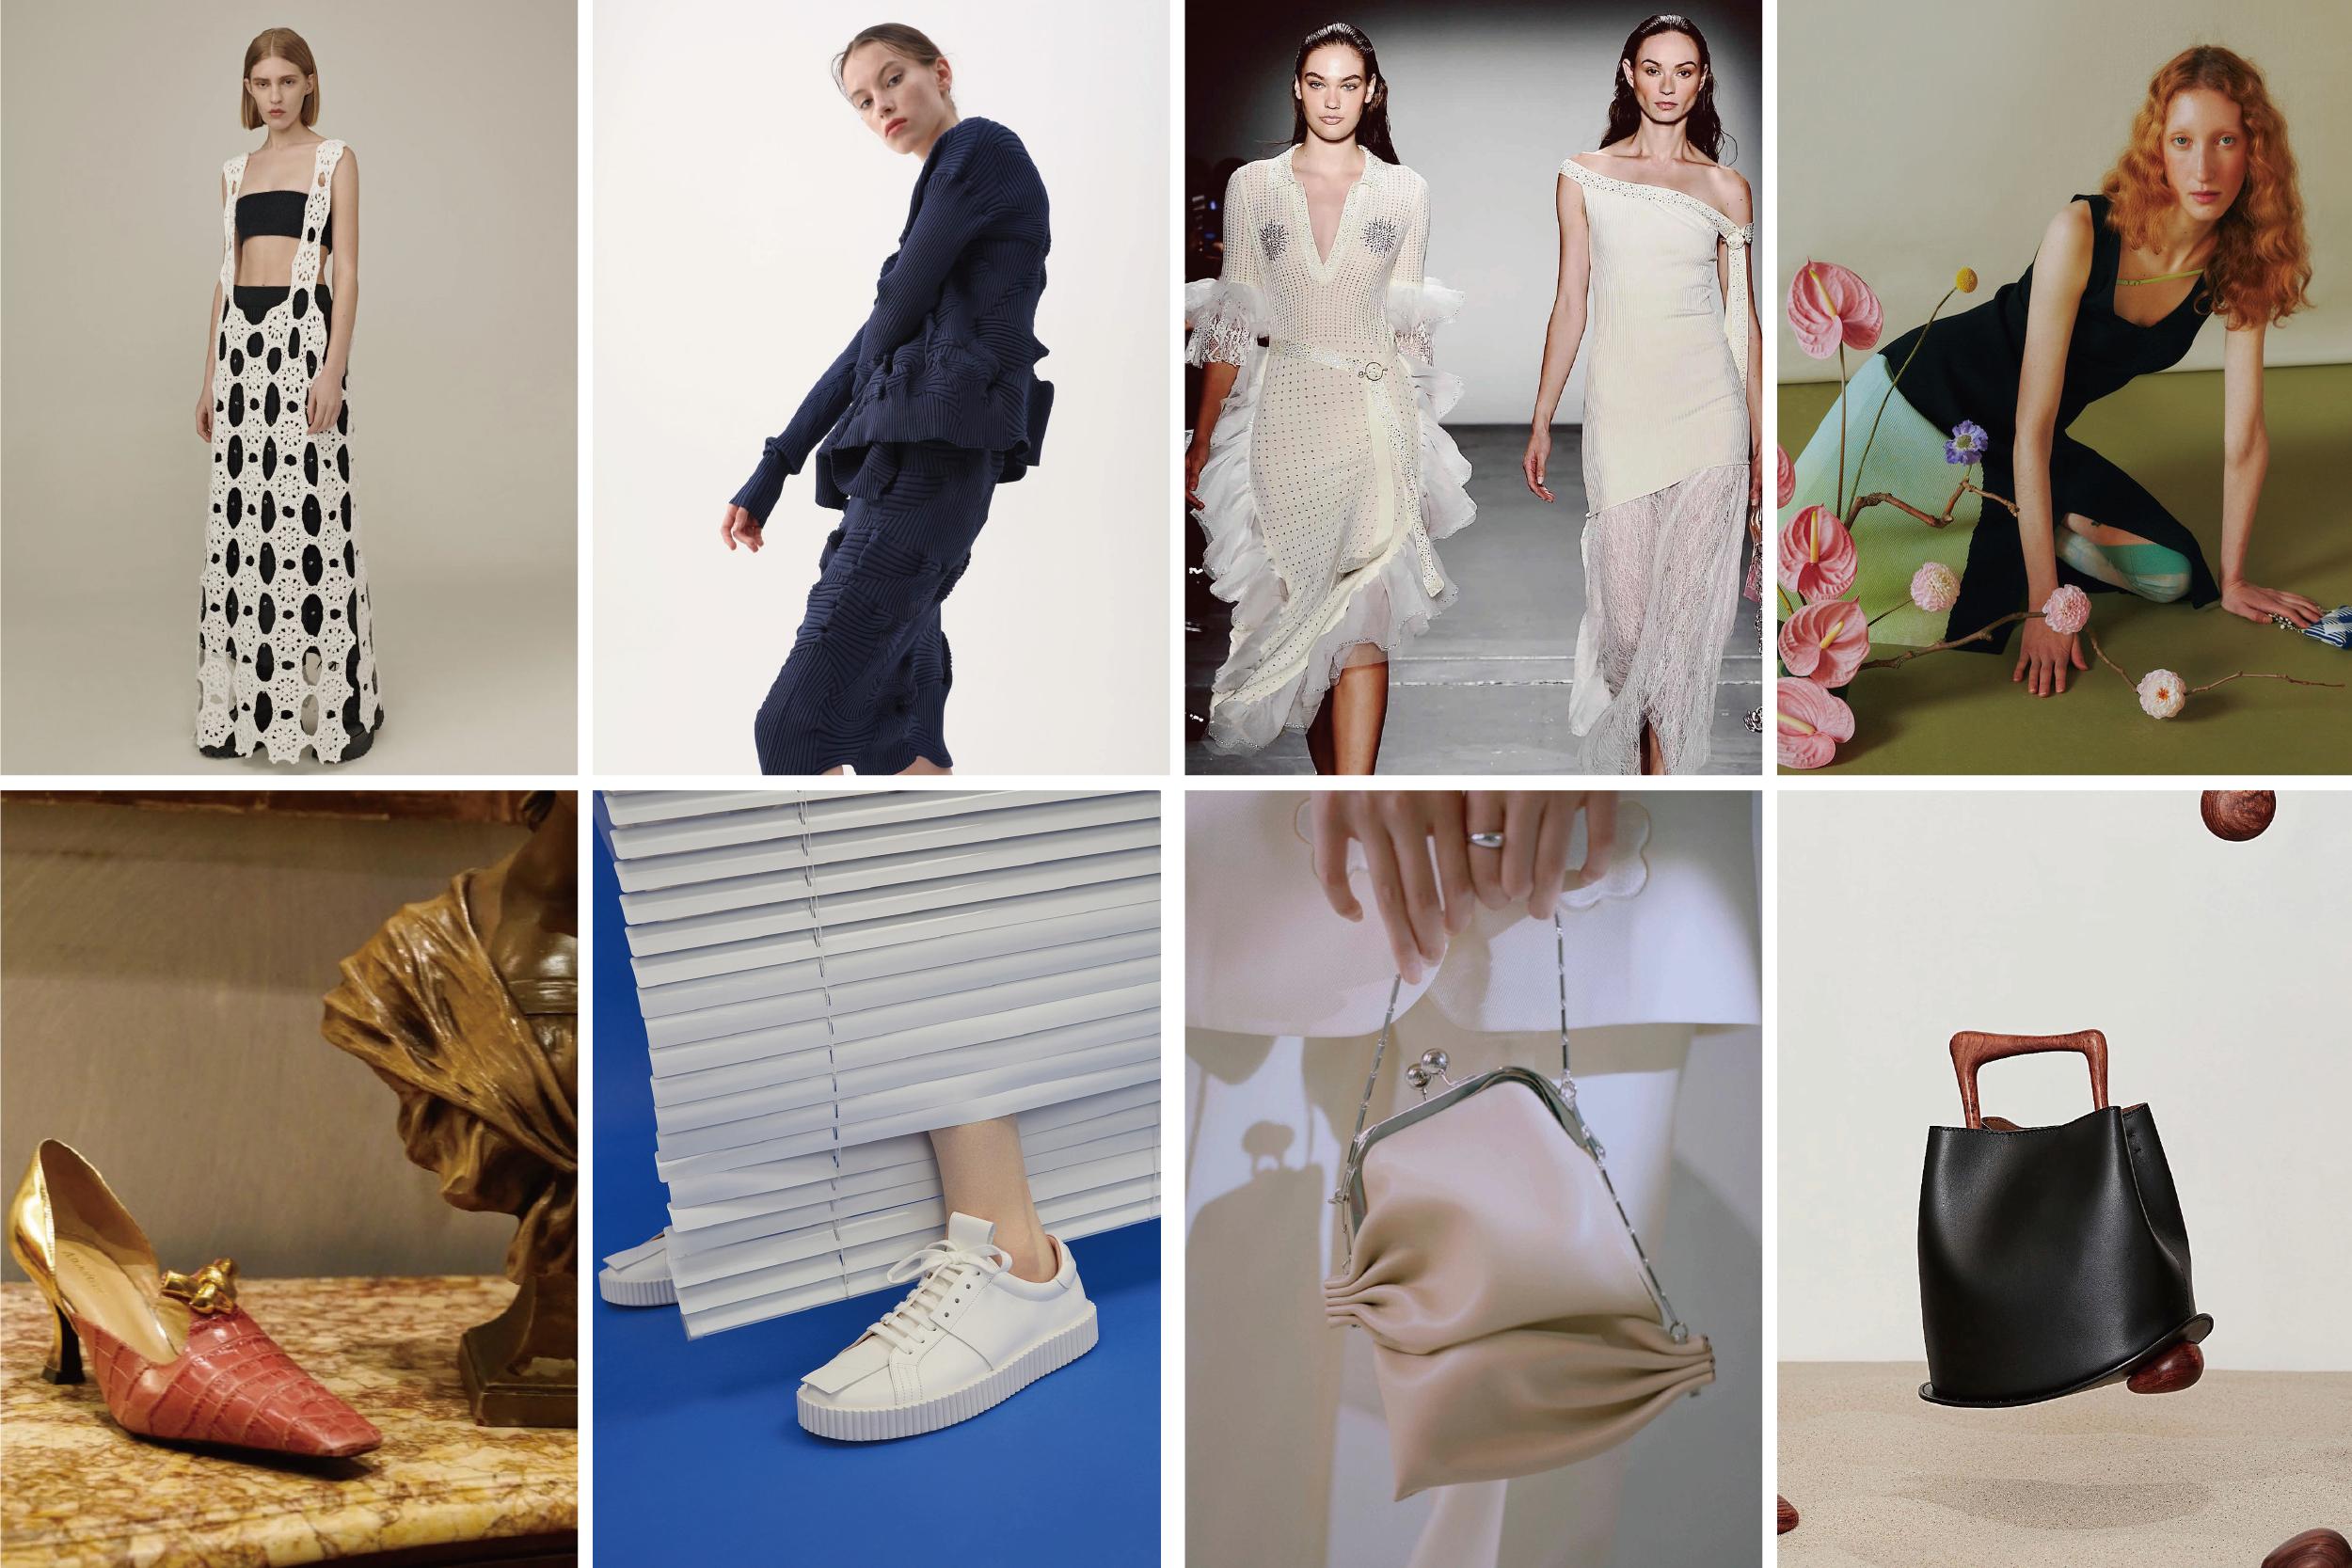 华丽观察|值得关注的19个新兴设计师品牌,来自针织、鞋履、包袋、首饰等四大细分品类